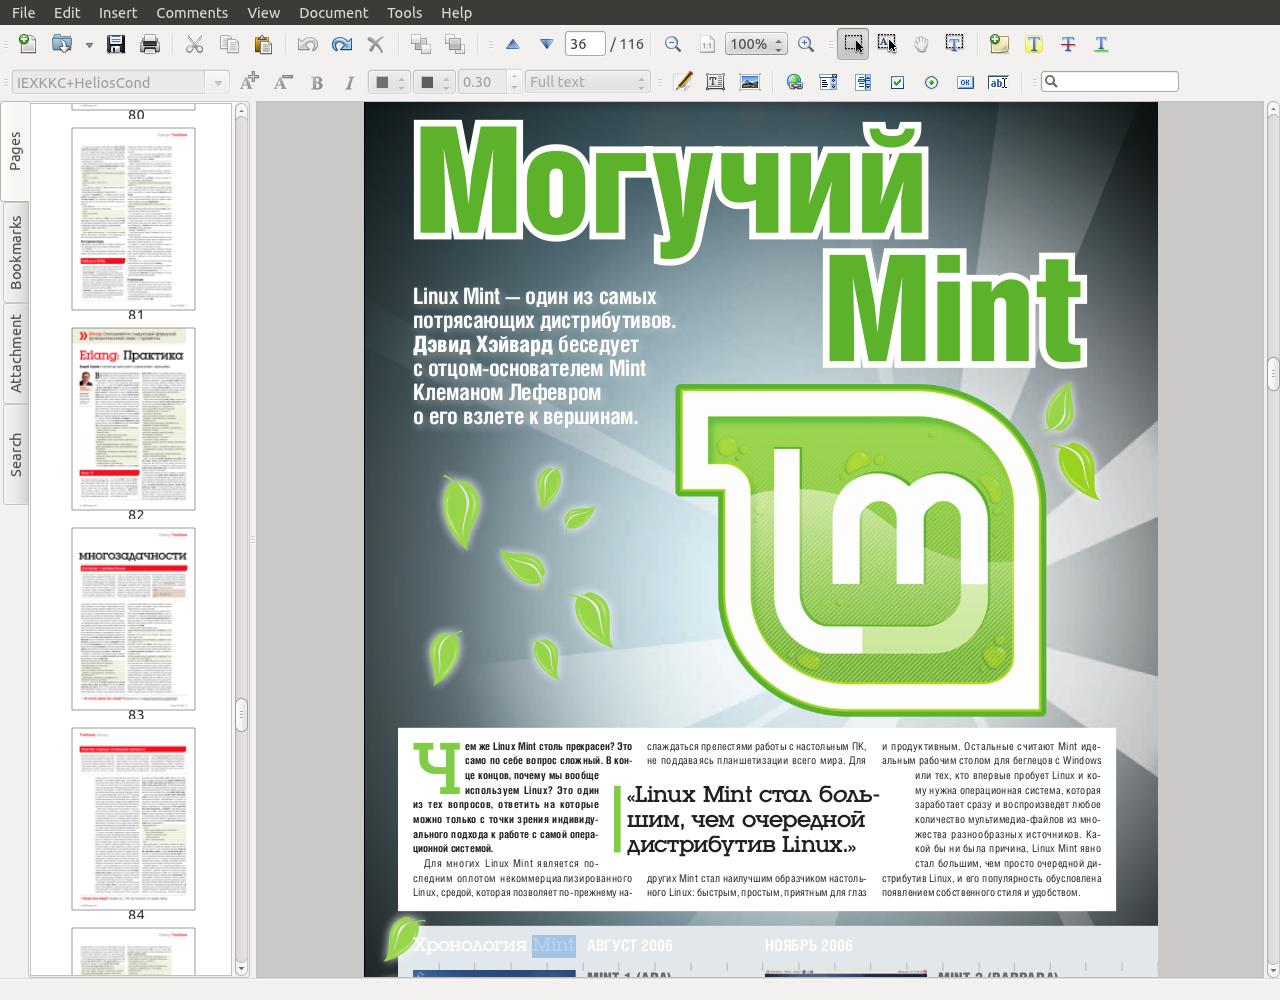 Master PDF Editor- -home-dm-Локальный диск: D-Хранилище файлов-Linux-LF-linux_format_2013_02.pdf_651